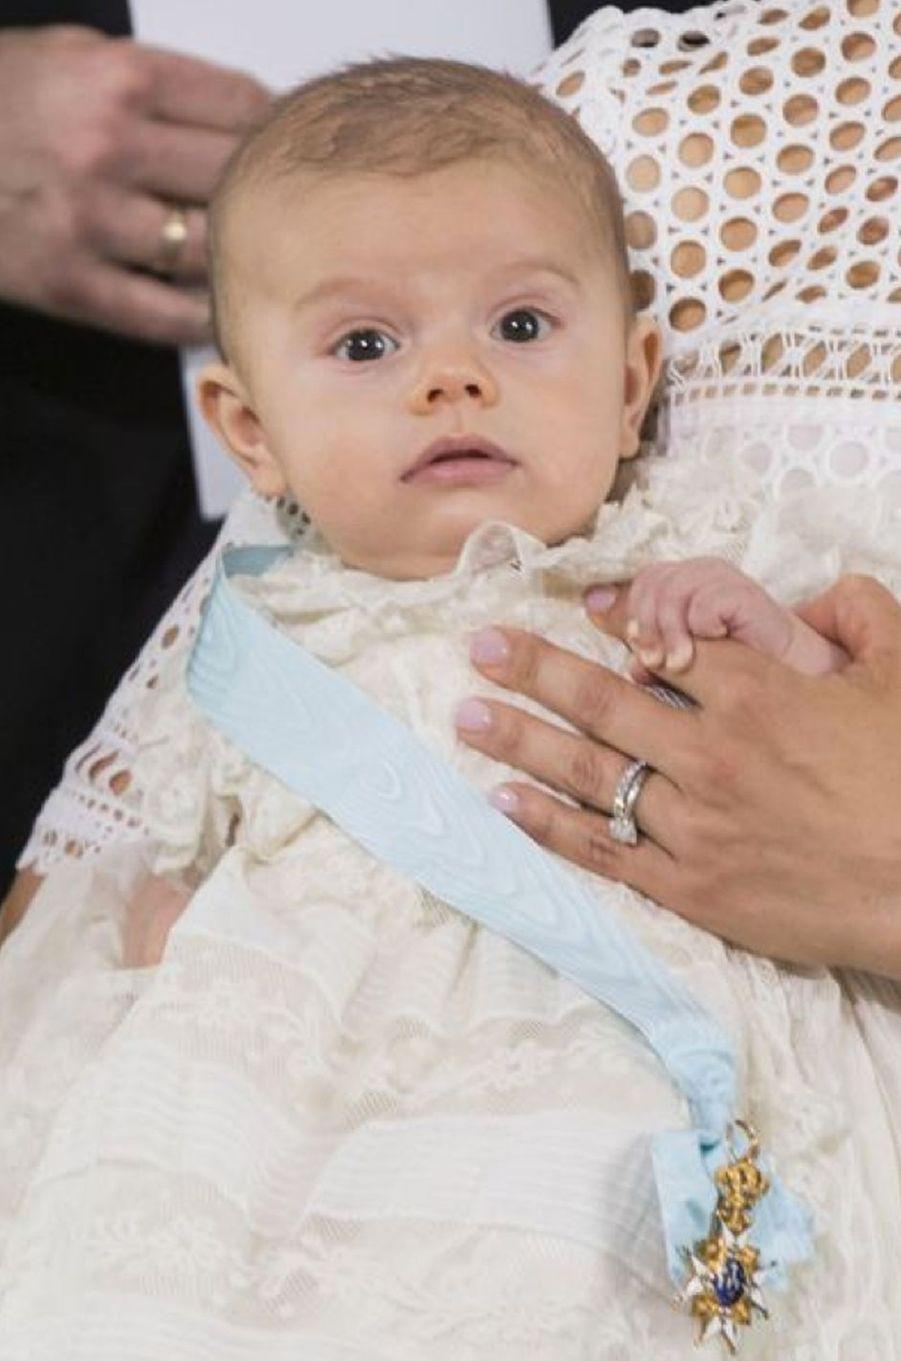 La famille royale suédoise a célébré ce vendredi 27 mai le baptême du prince Oscar, le fils de la princesse héritière Victoria de Suède.